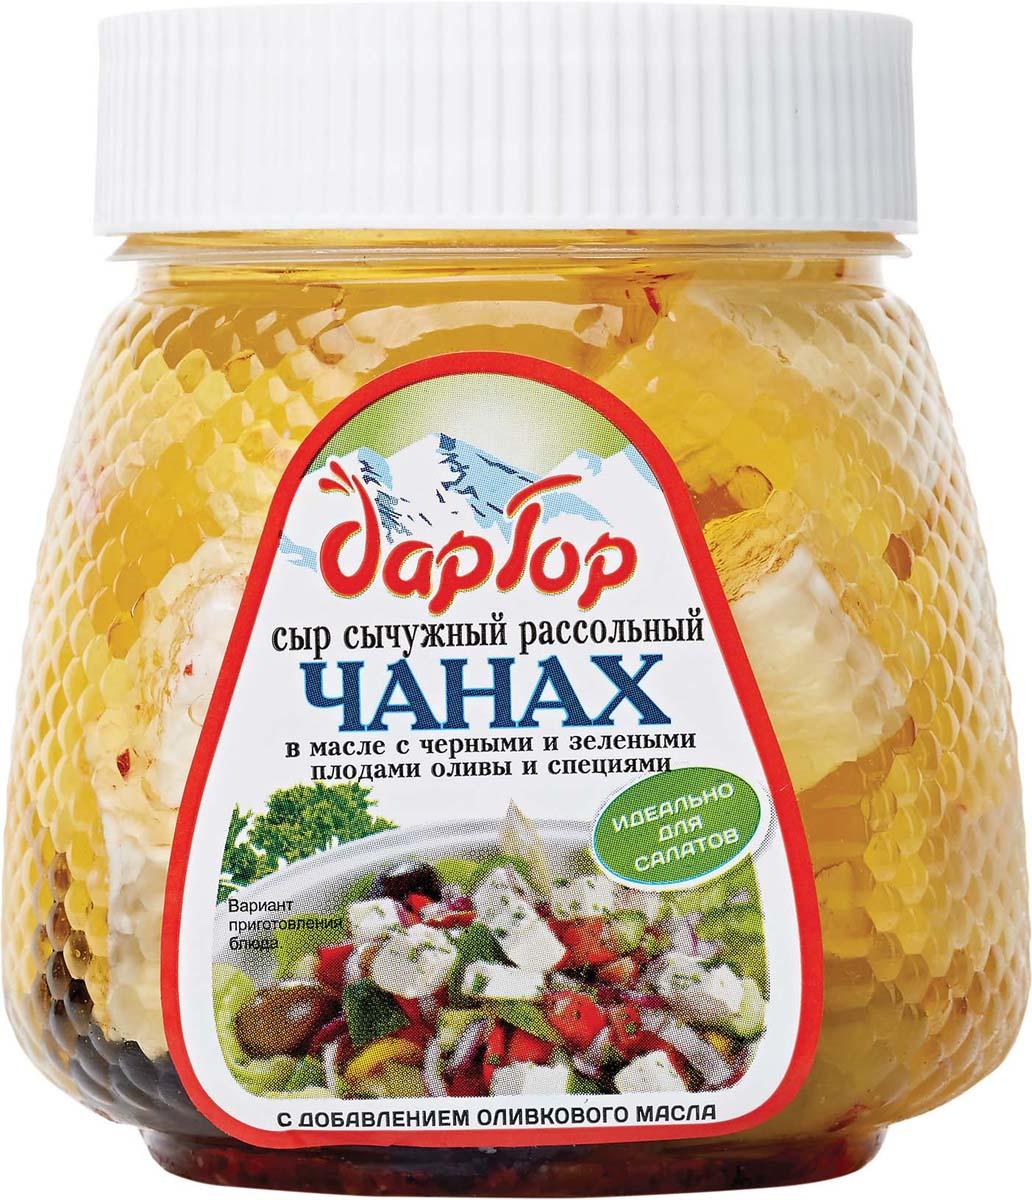 Дар Гор Сыр Чанах 40% с чёрными и зелёными плодами оливы в масле 40%, 250 г maltagliati filini паутинка макароны 500 г